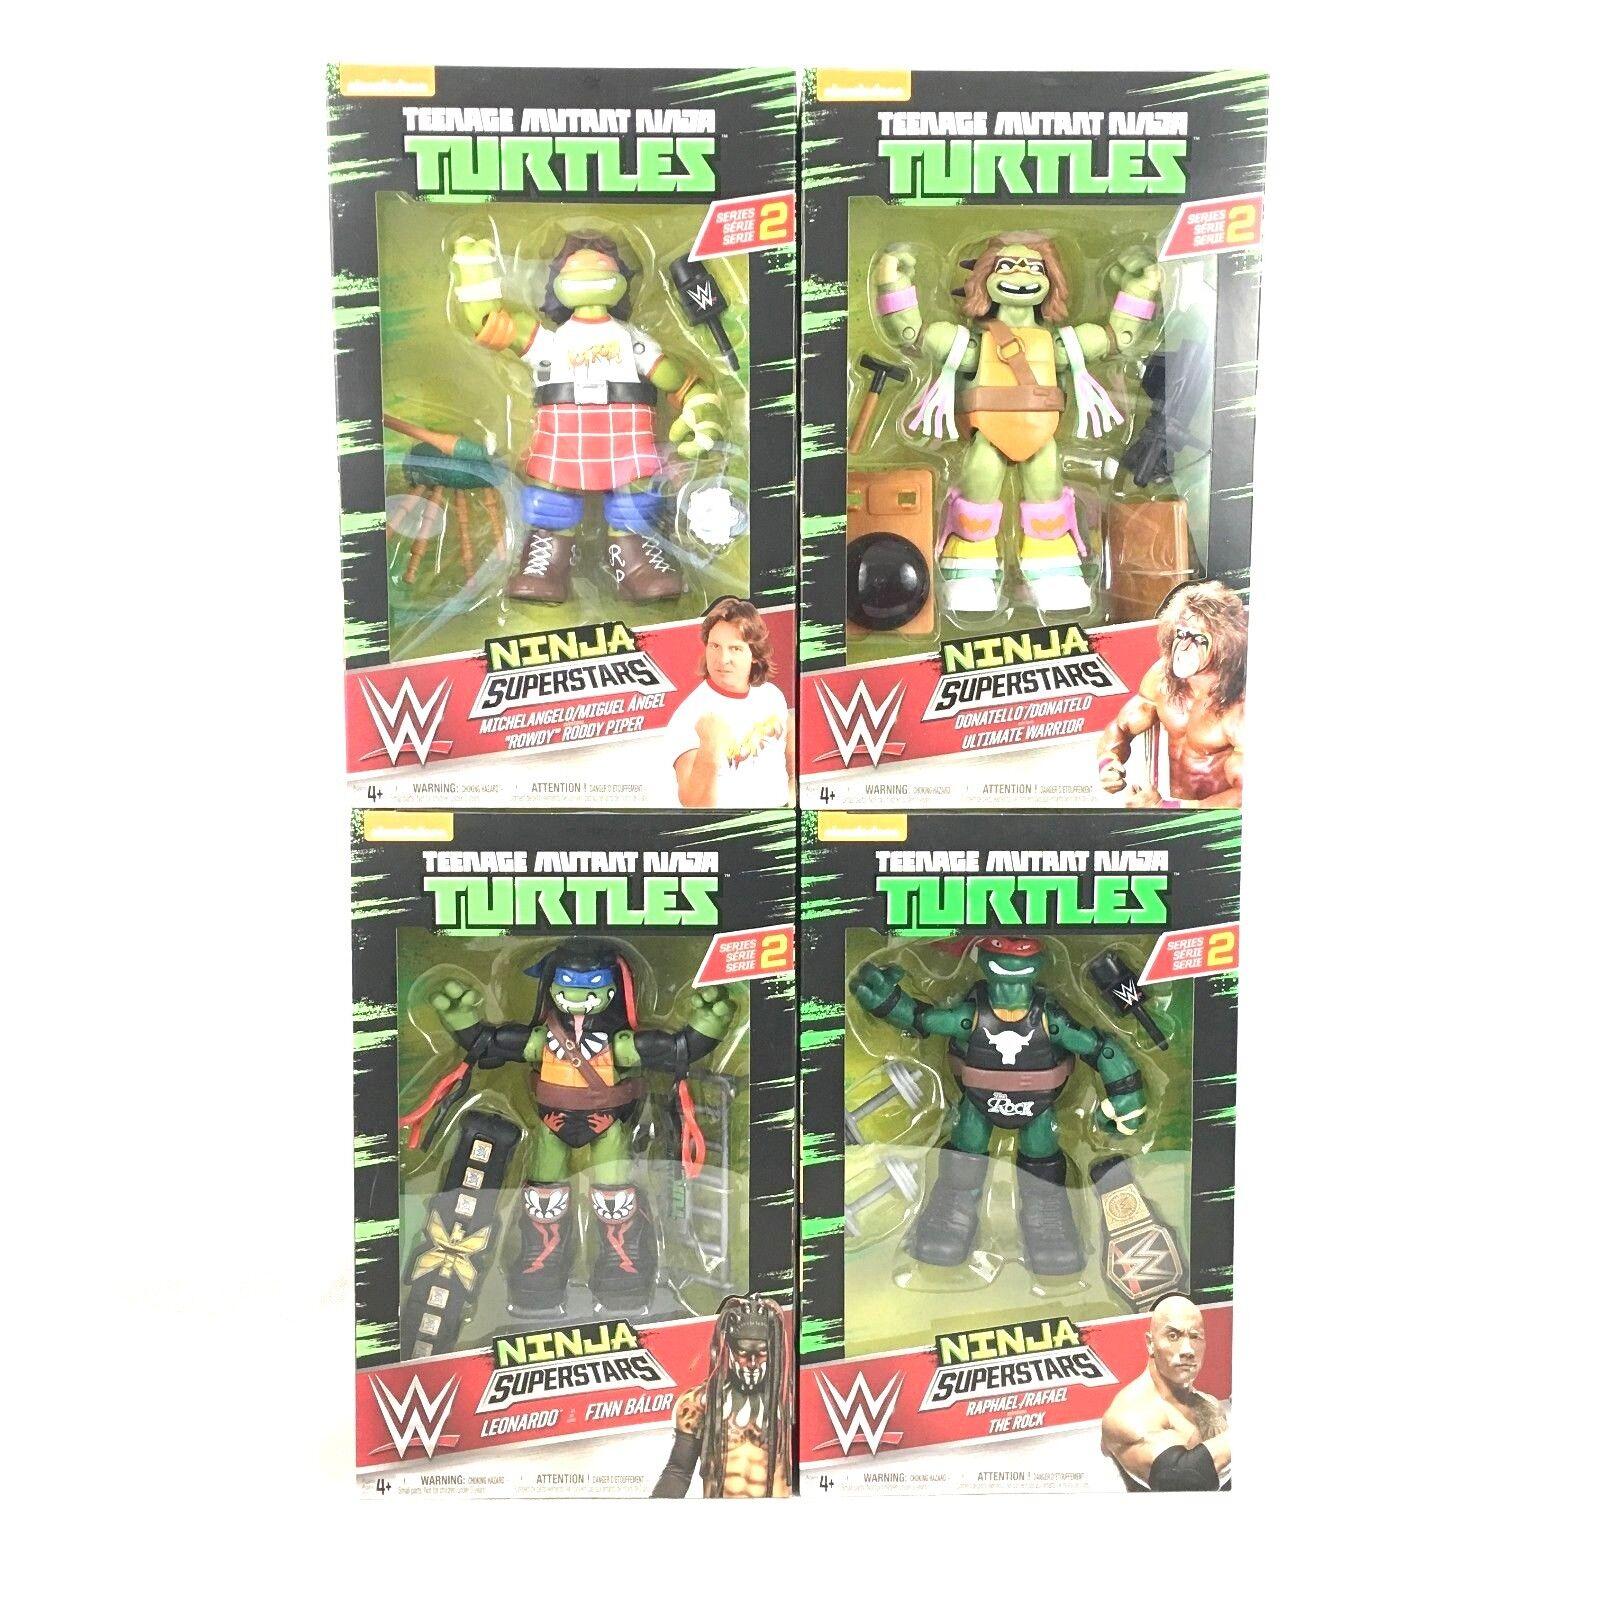 Teenage mutant ninja turtles wir ninja - superstars reihe 2 komplett vom 4.